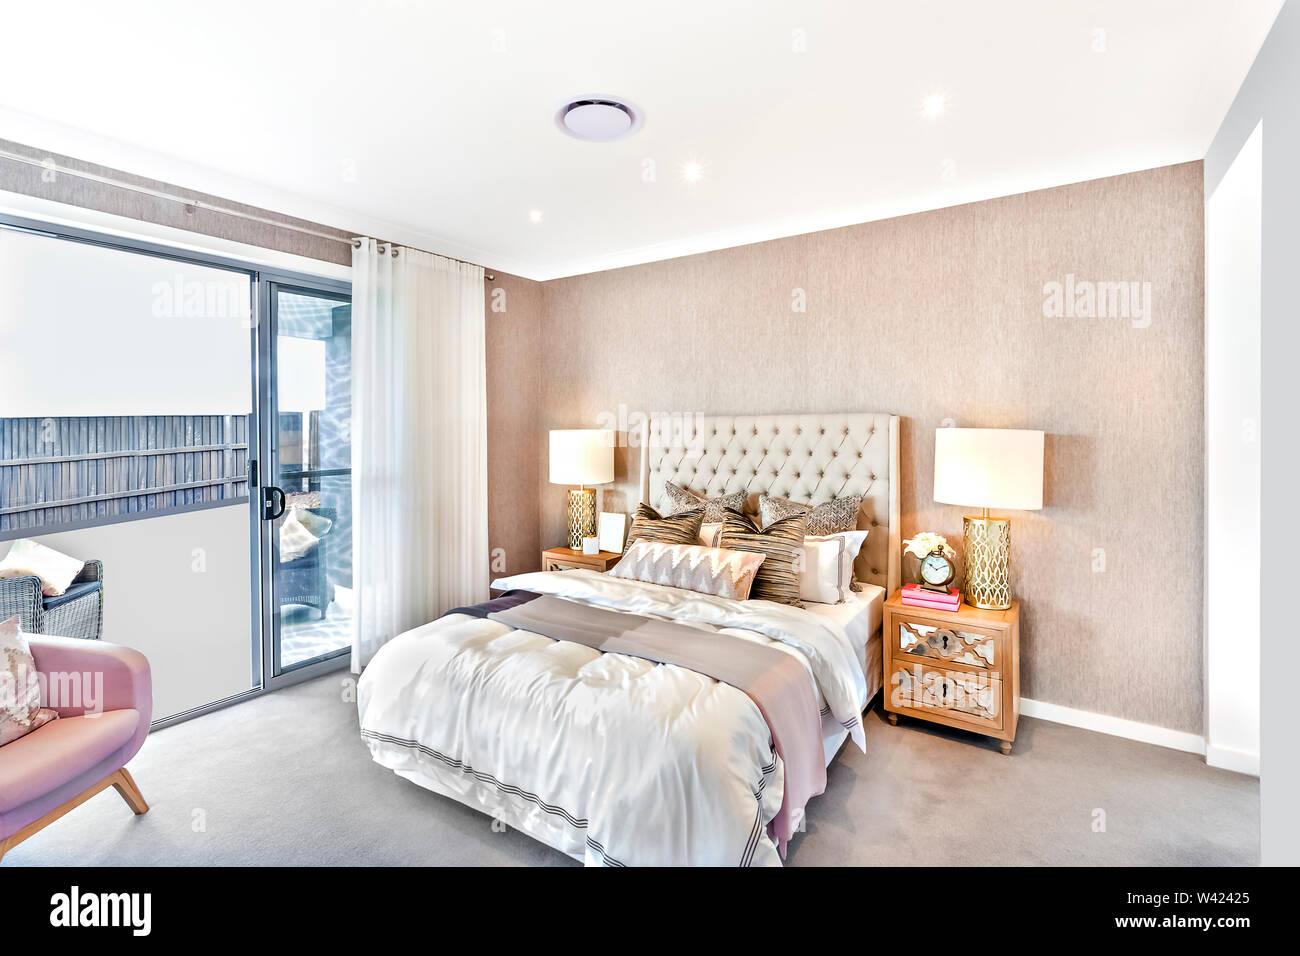 Camera moderna con lampeggiante lampade da tavolo e ingresso al di fuori che ha illuminato dalla luce del sole Immagini Stock